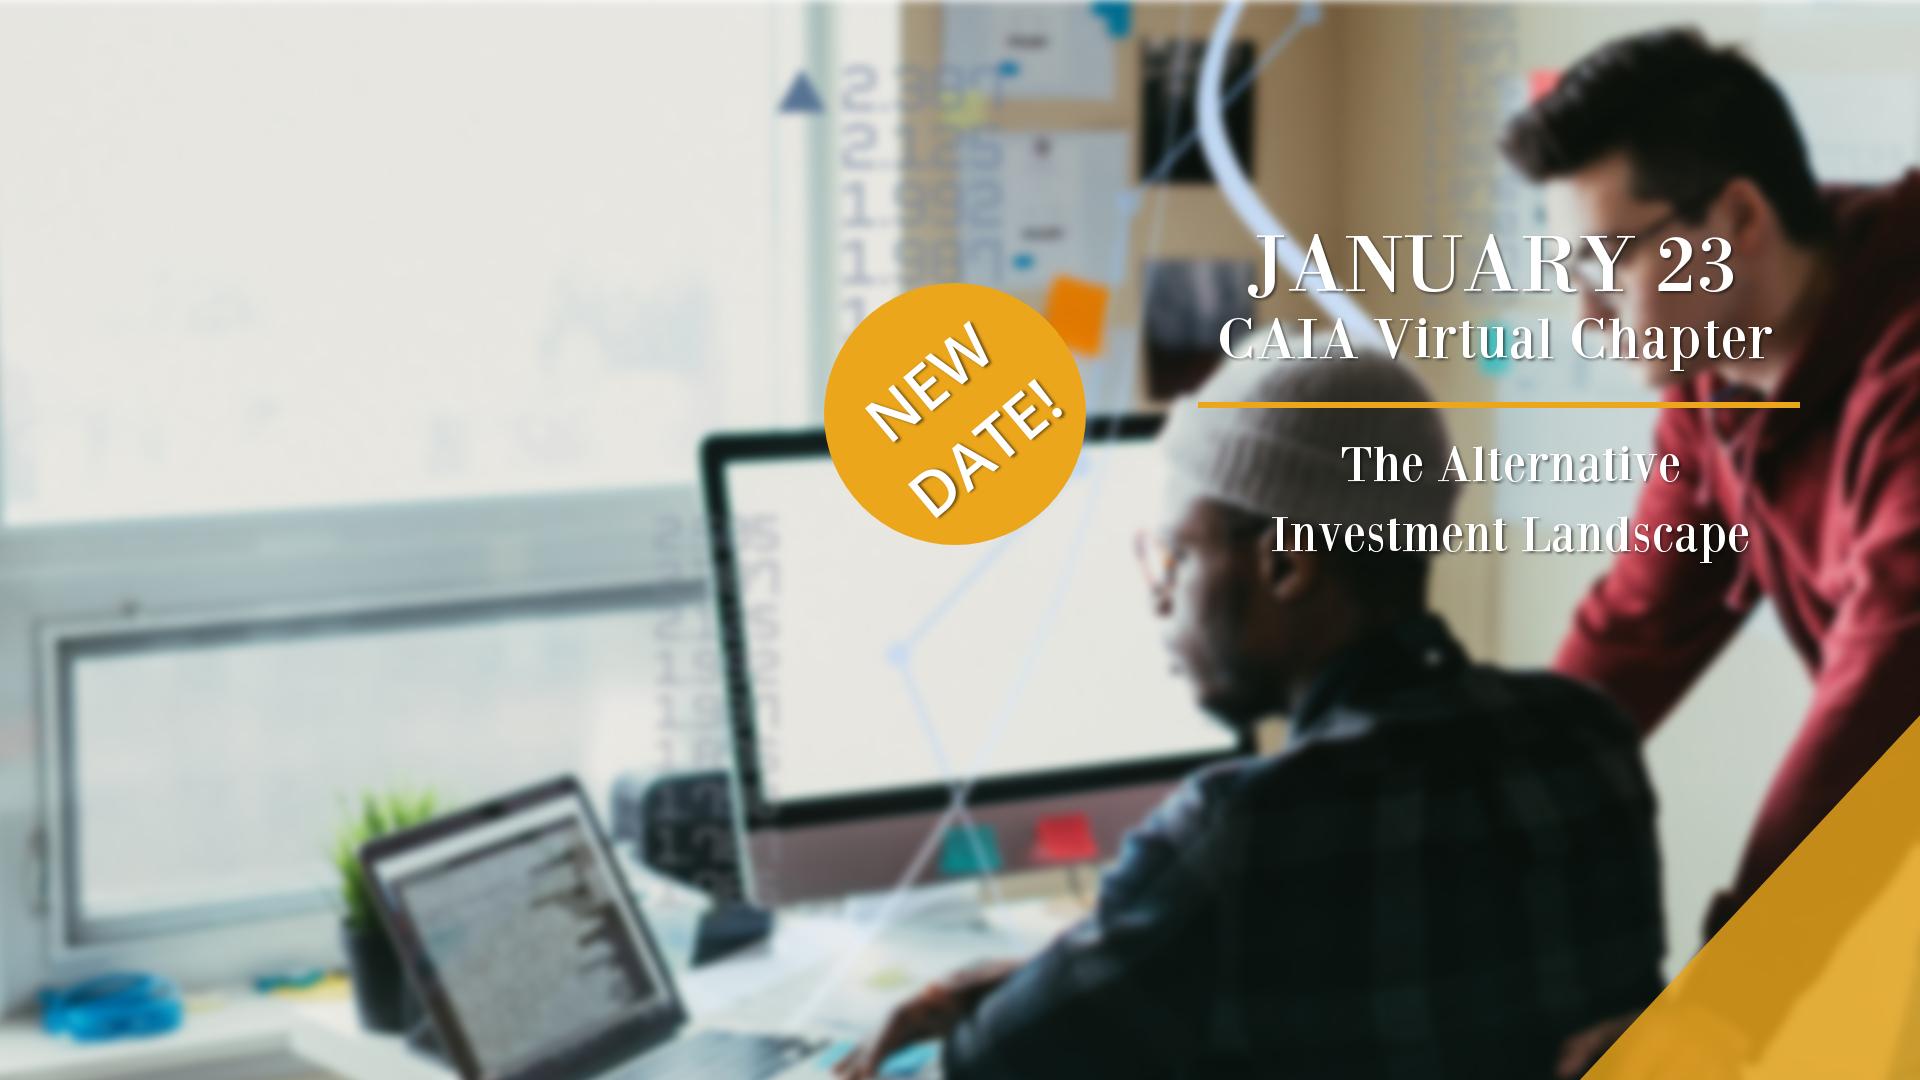 CAIA webinar homepage slider (new date).jpg